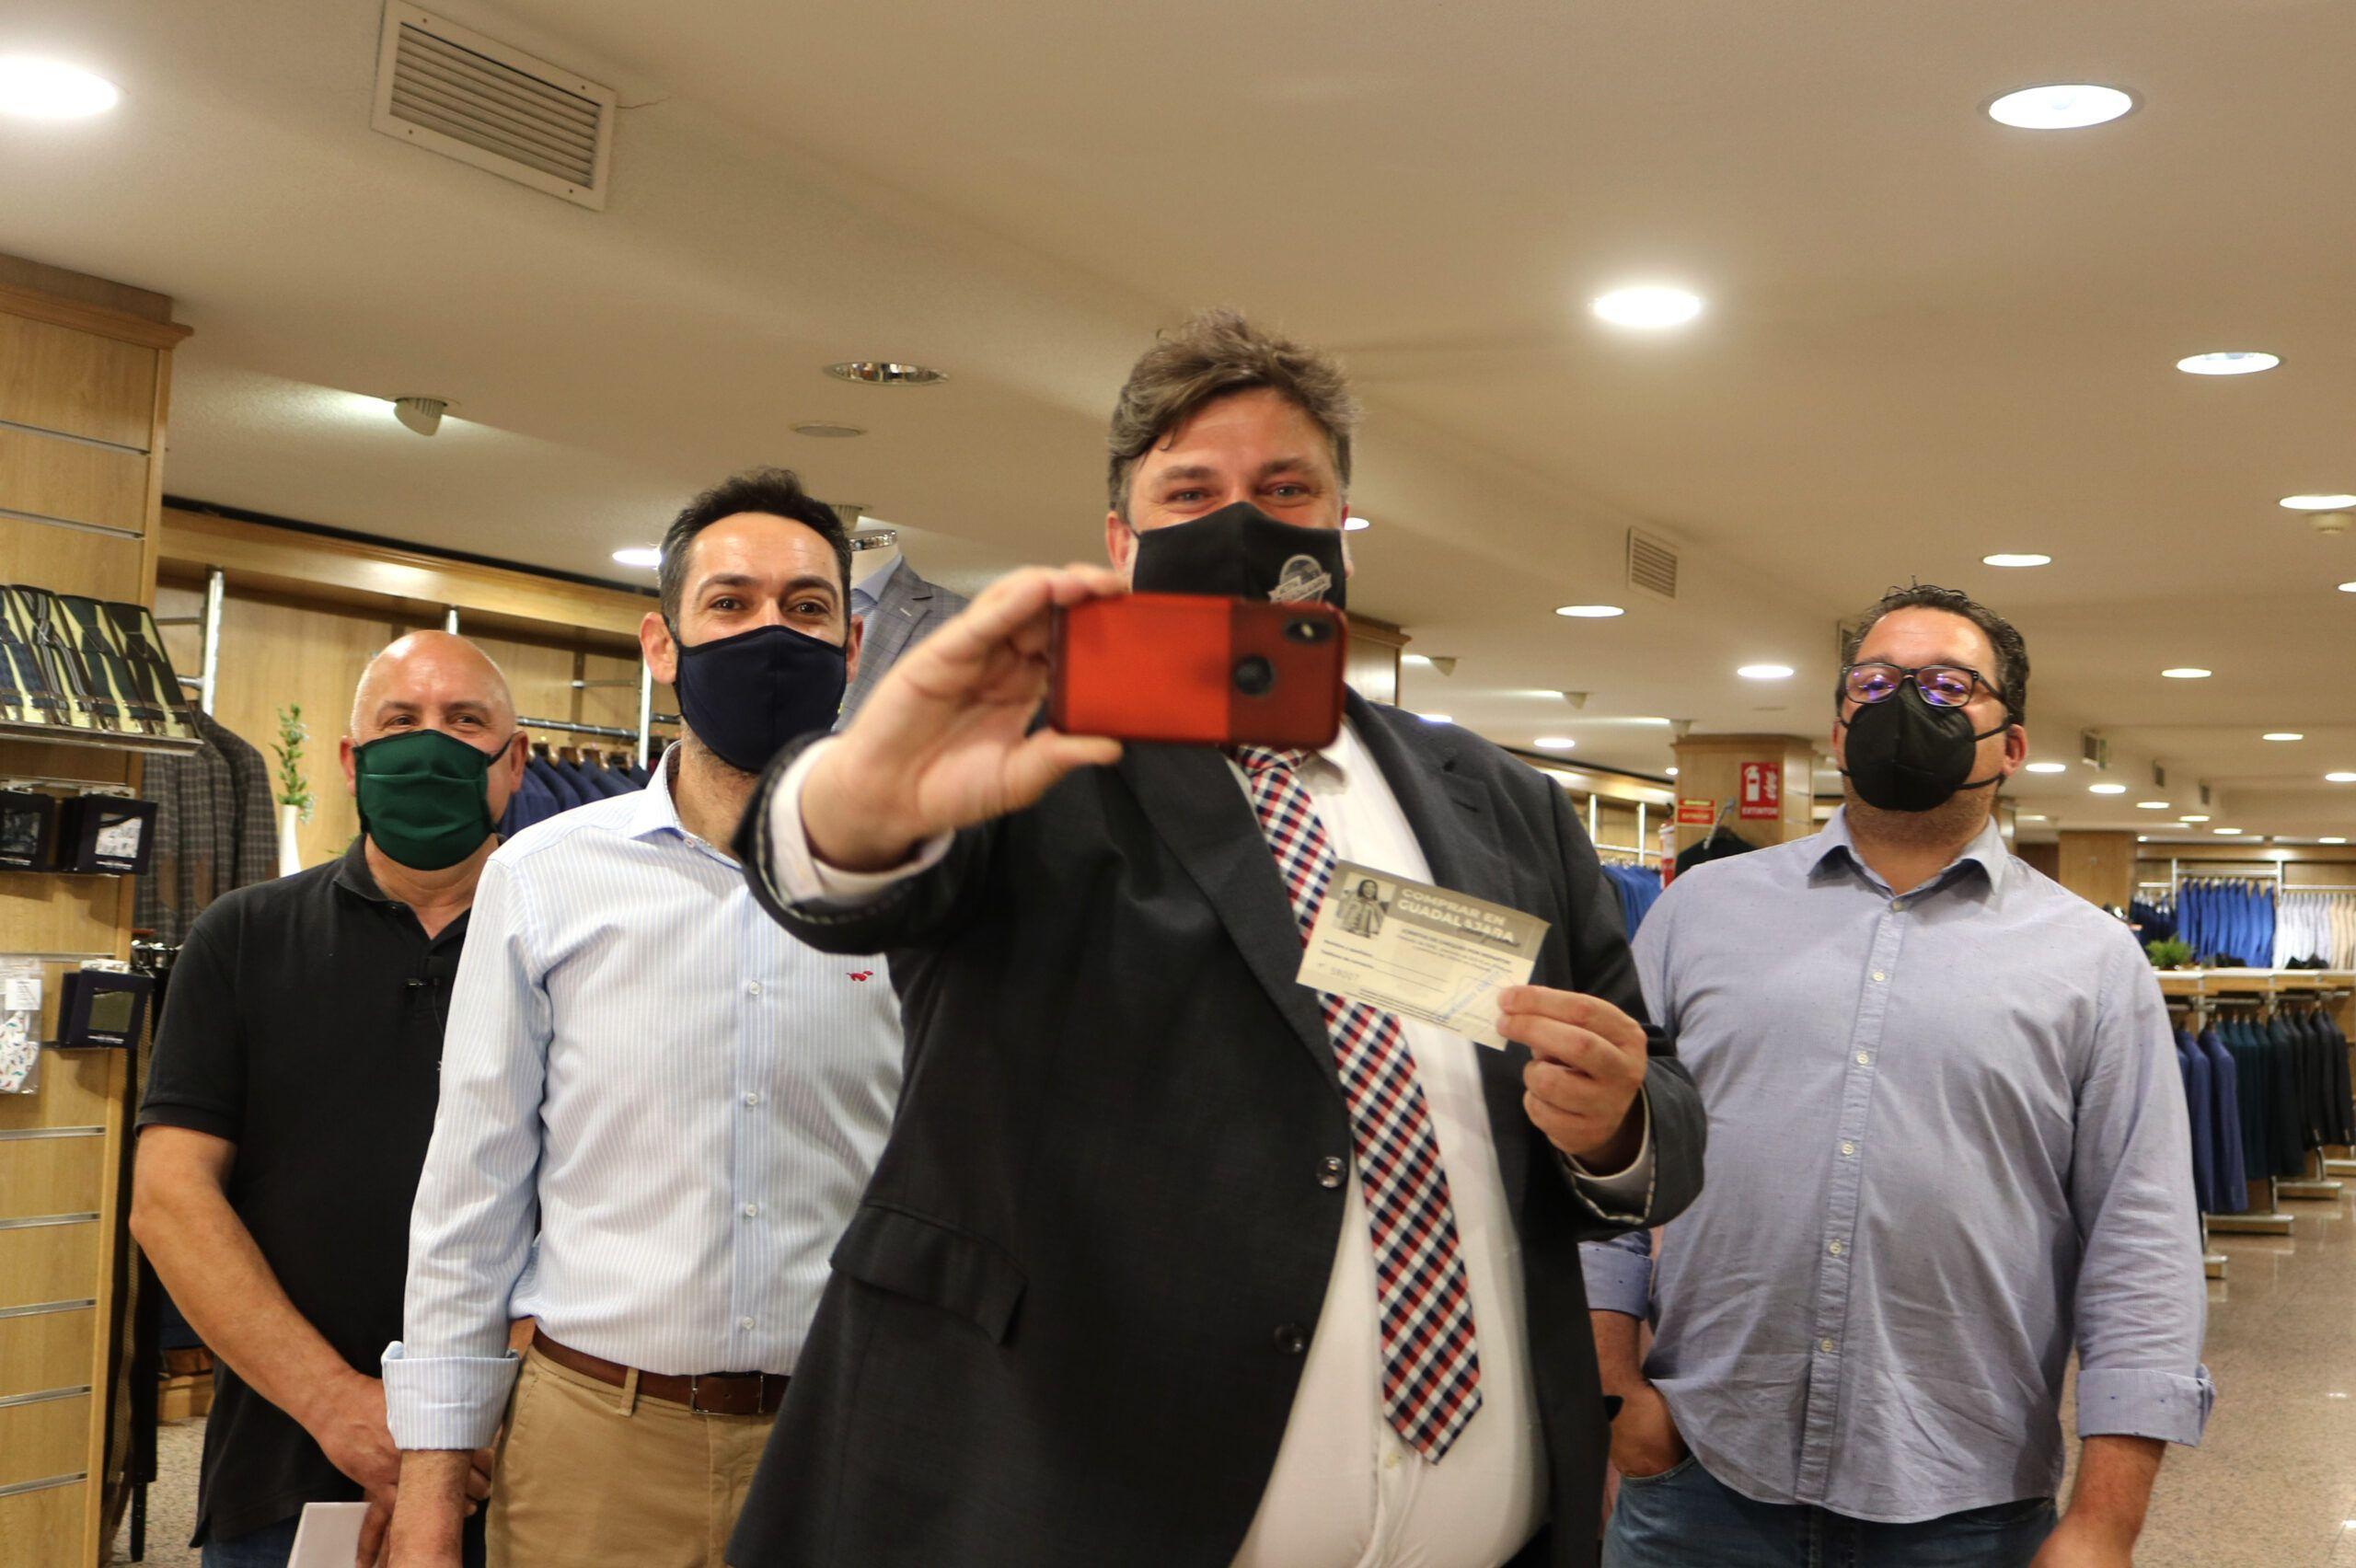 ¡Adelántate al verano!, la campaña con la que concejalía y federaciones de Comercio quieren fomentar las compras en la ciudad antes del verano